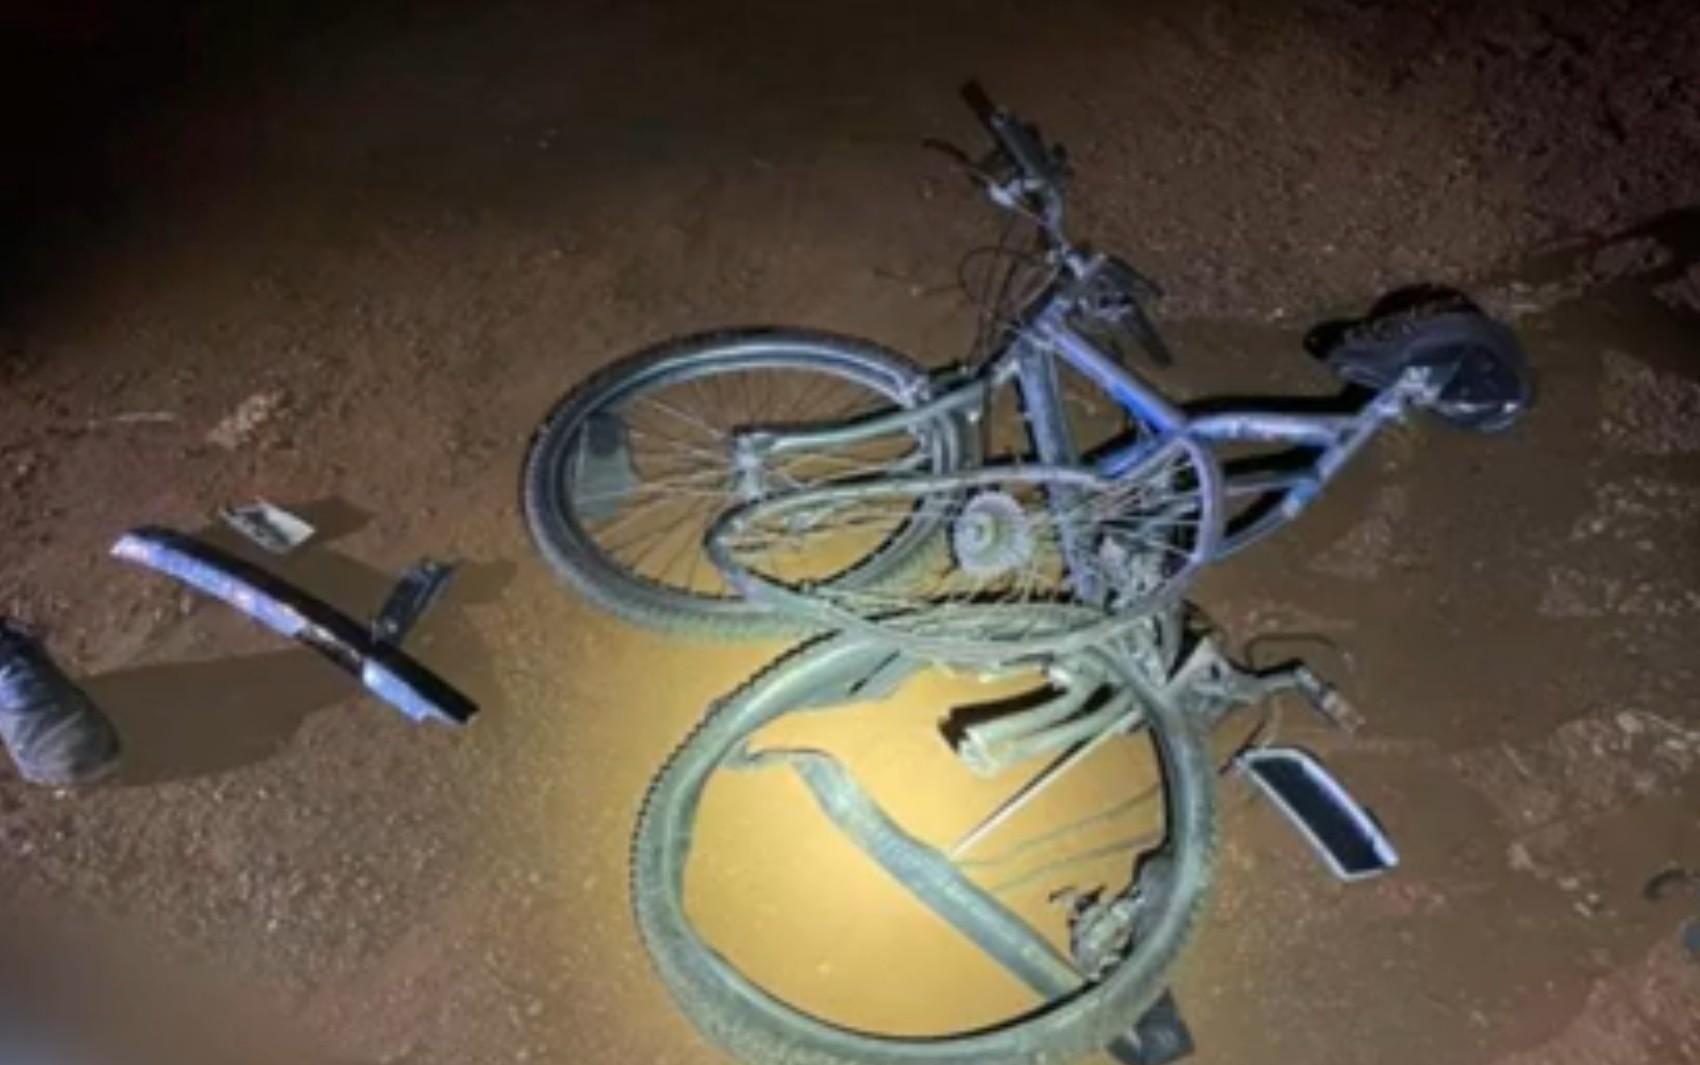 Soldador morre após ser atropelado enquanto voltava do trabalho de bicicleta, em Jataí